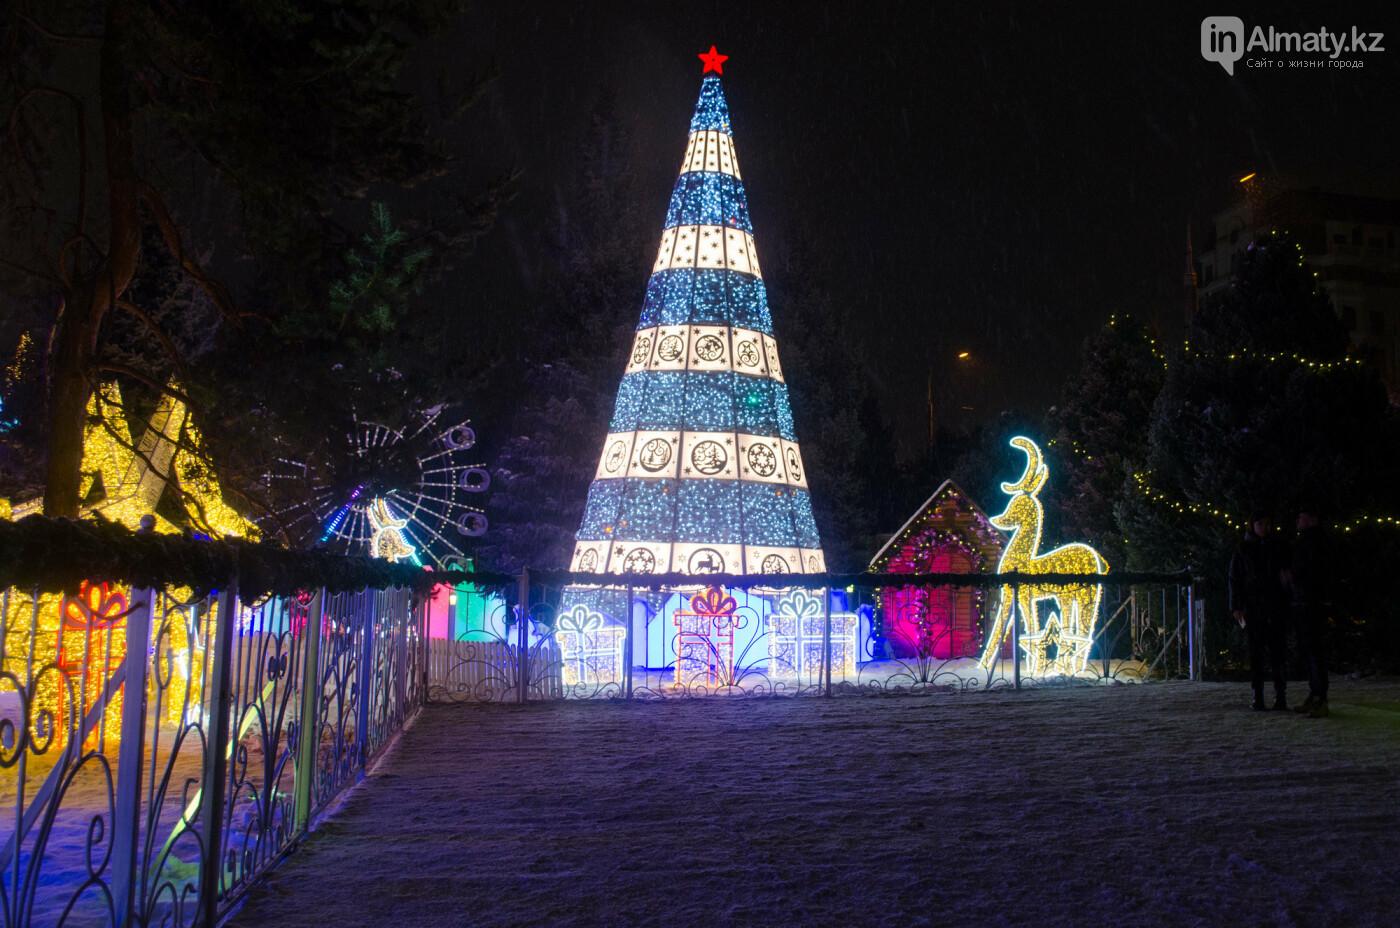 Как украшен центр Алматы к Новому году (фото), фото-20